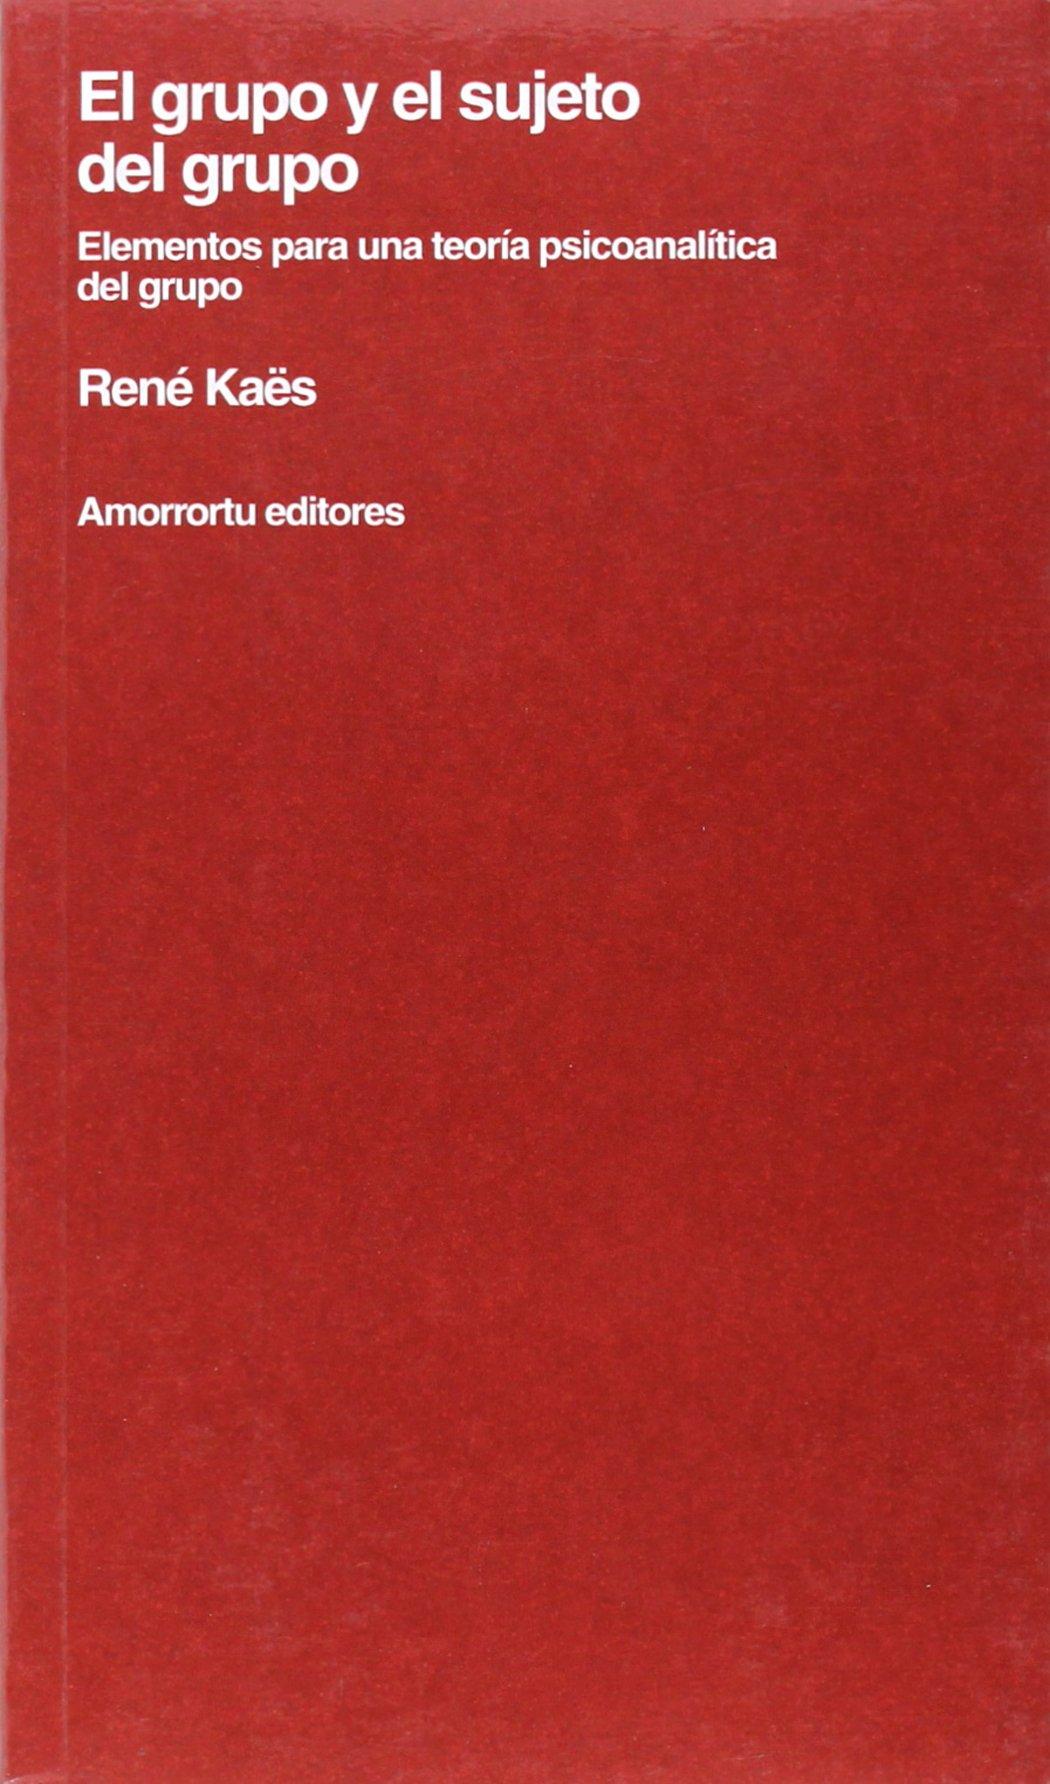 El grupo y el sujeto del grupo: Elementos para una teoría psicoanalítica del grupo Psicología y psicoanálisis: Amazon.es: René Kaës: Libros